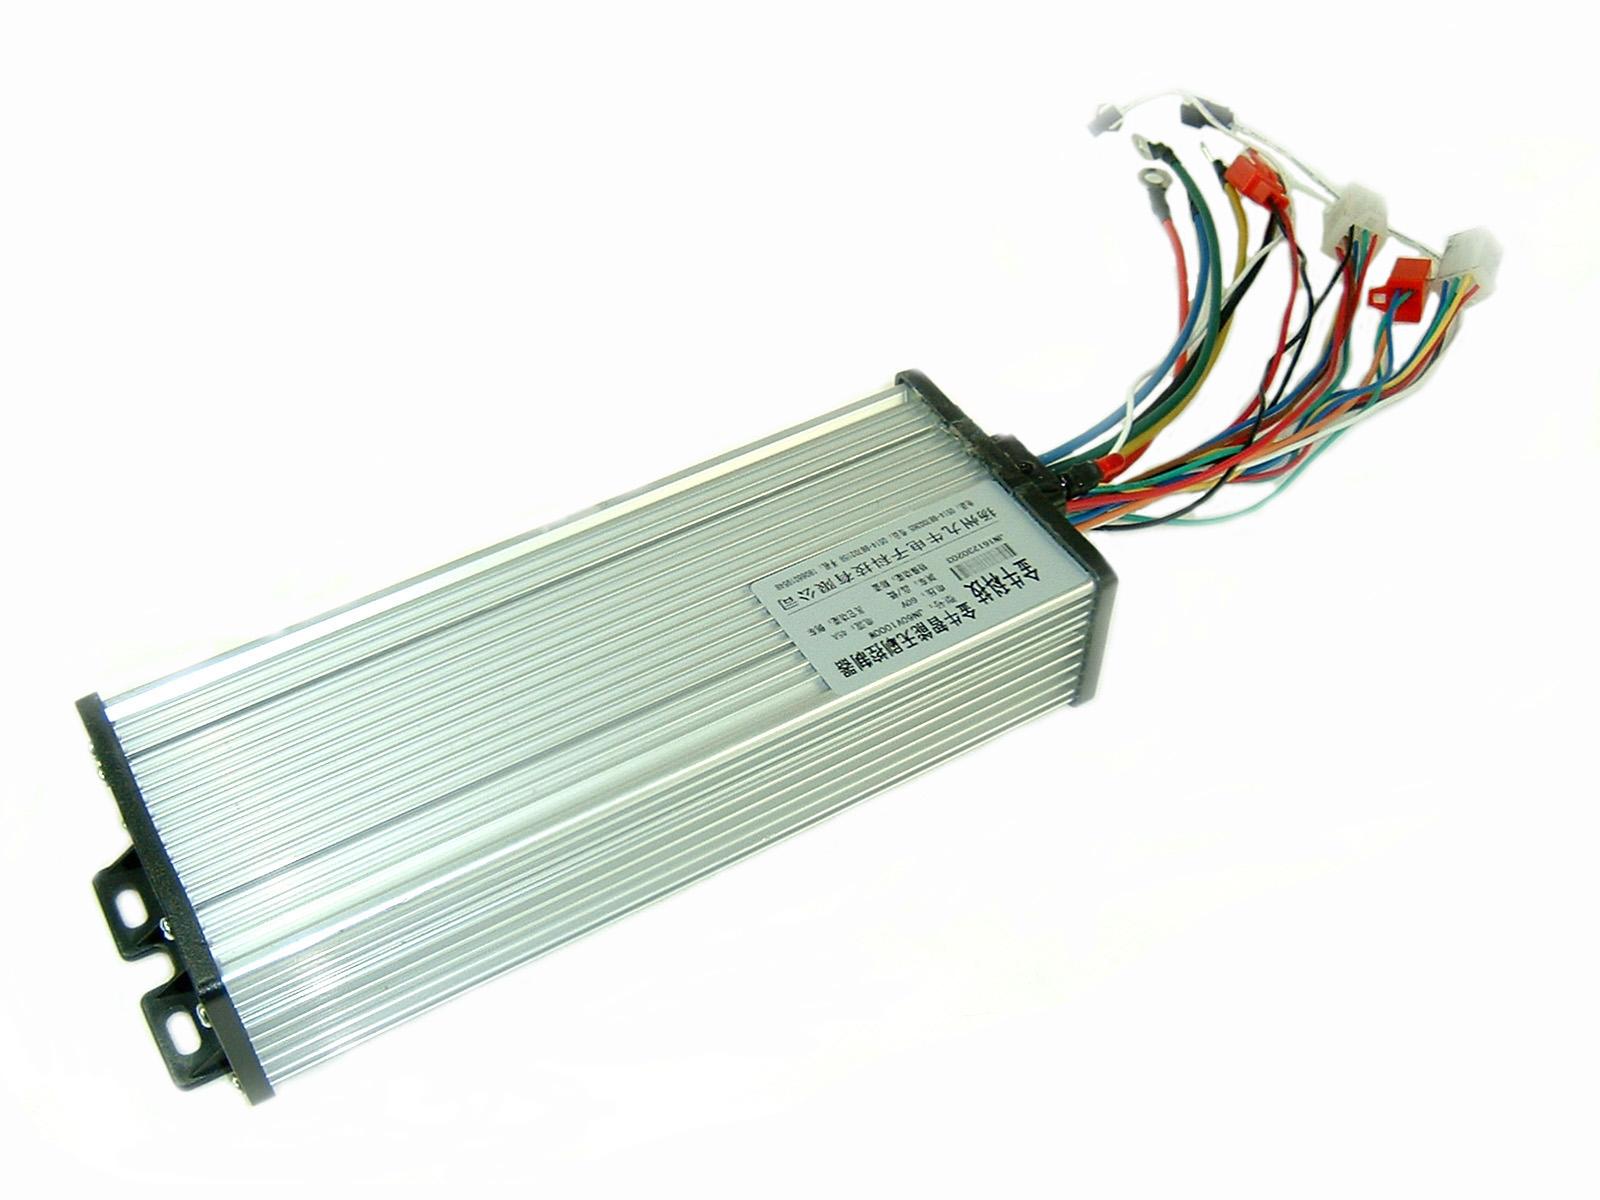 Vente chaude et de haute qualit v lo lectrique for Controleur de tension electrique